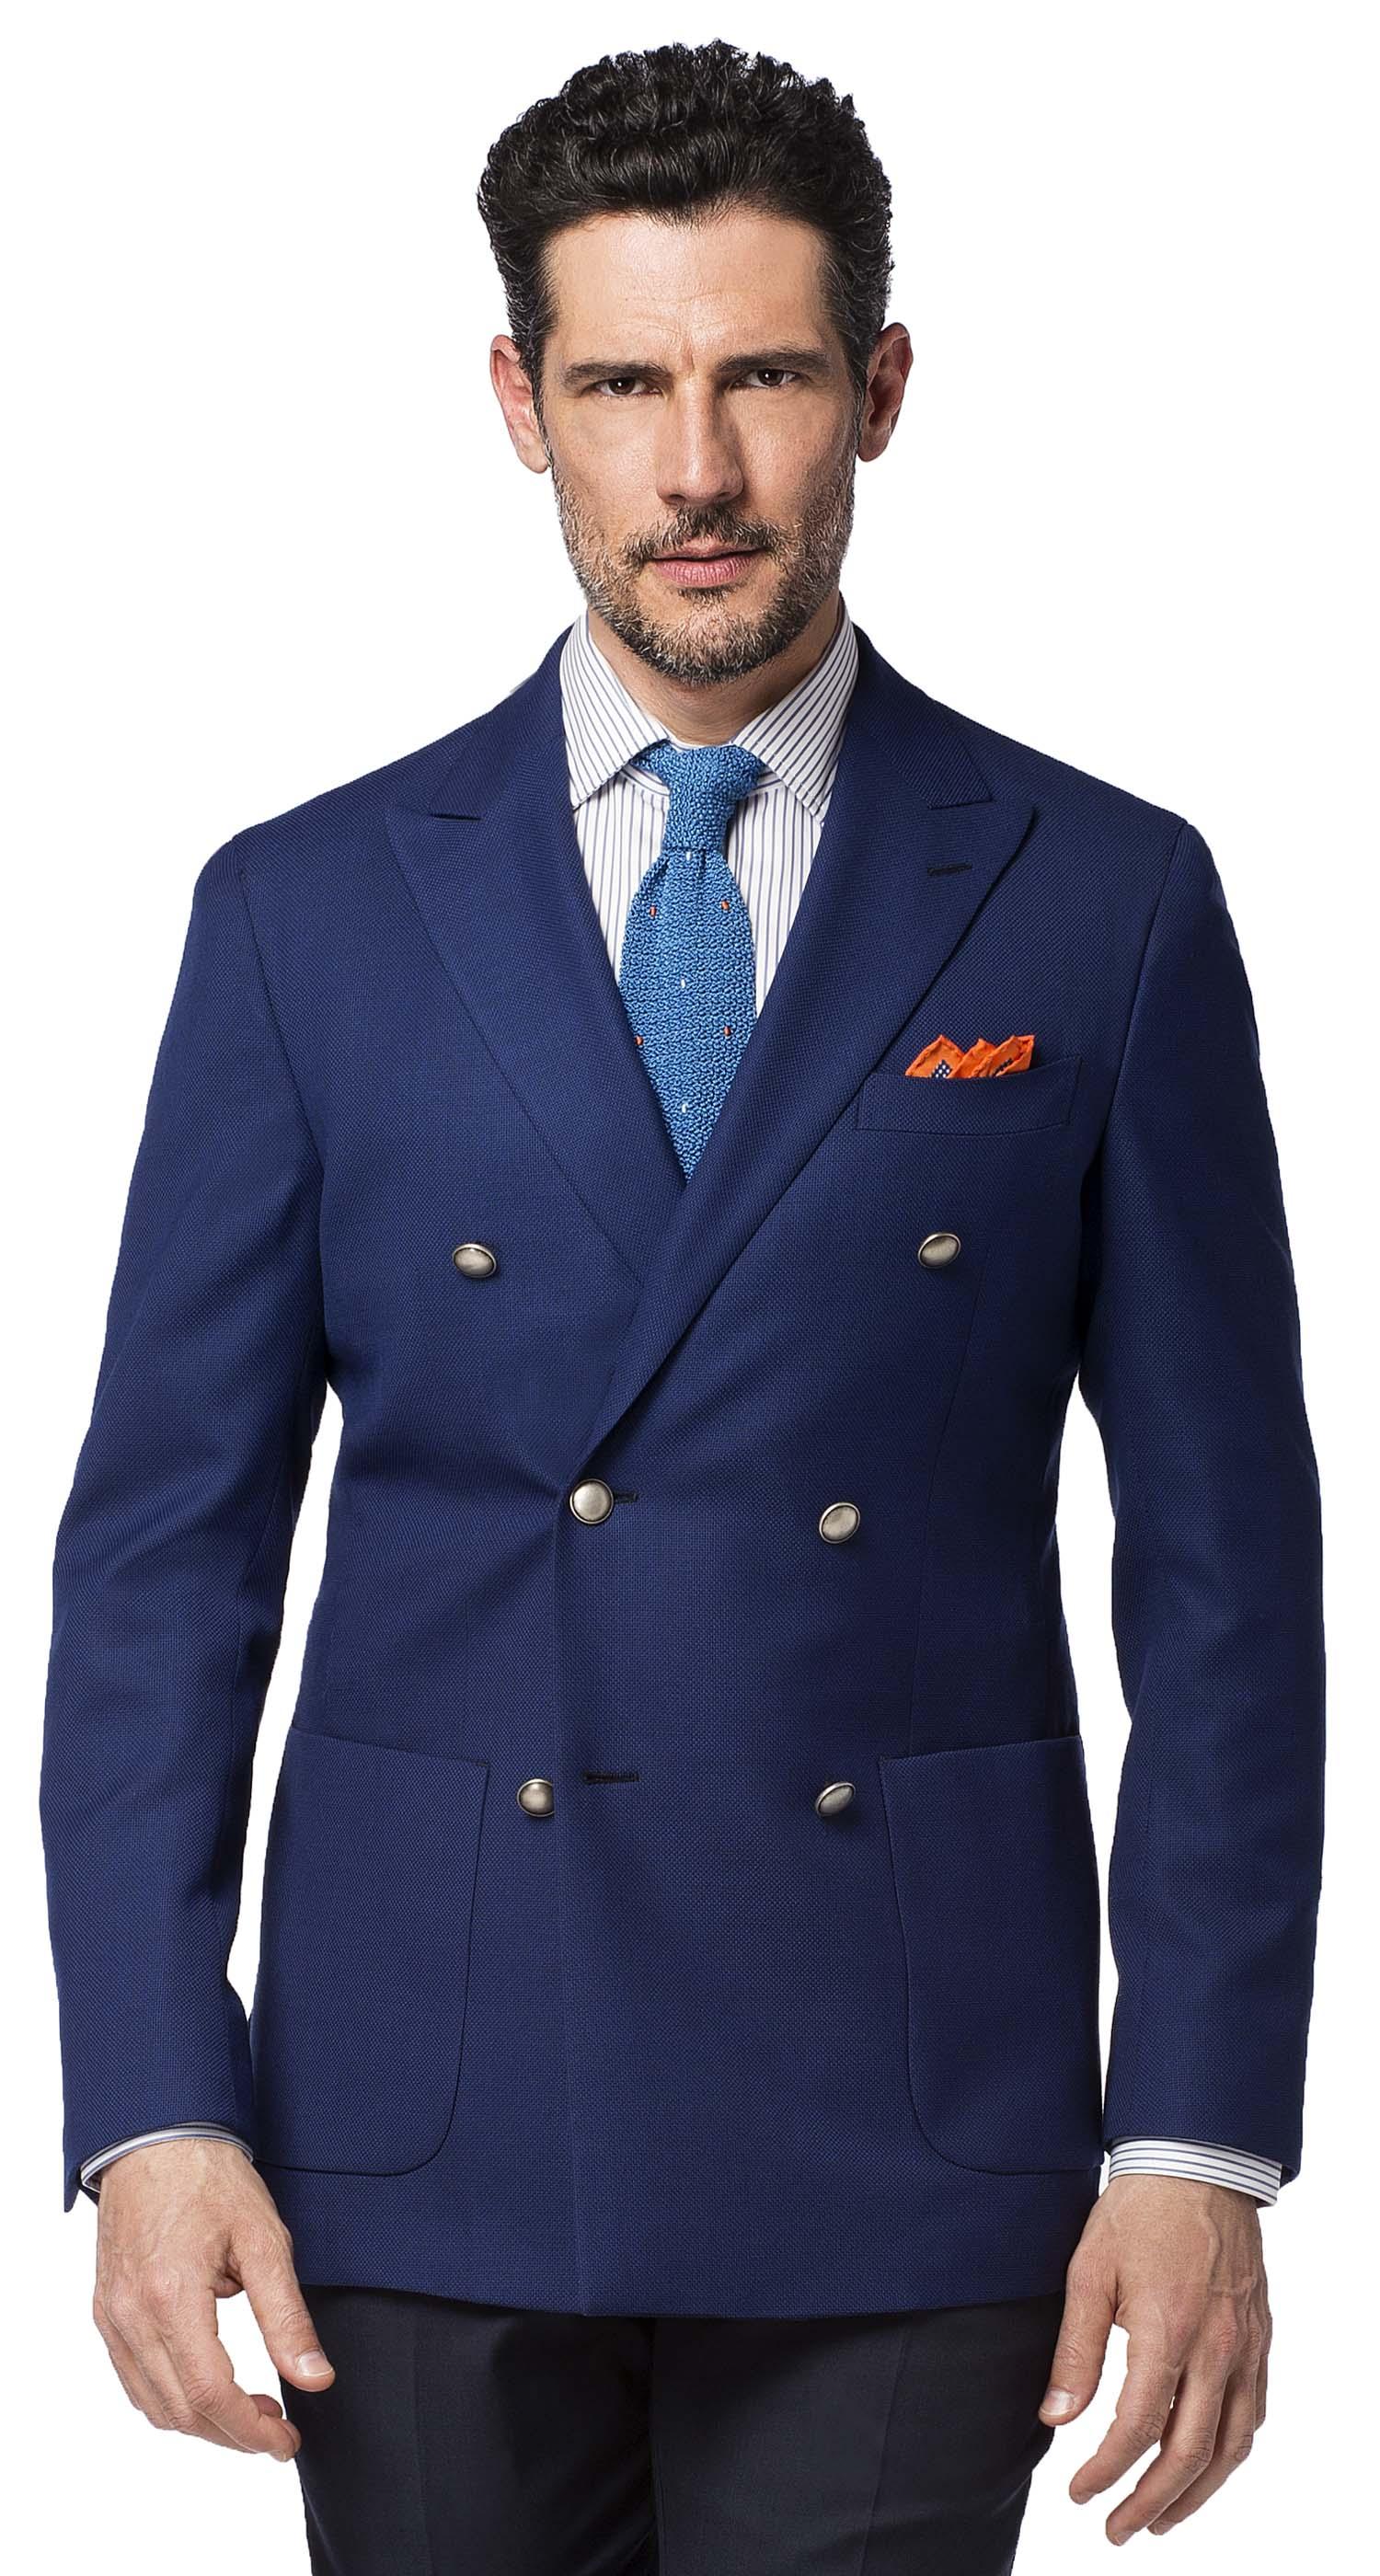 Costume dépareillée classique   veste croisée bleue et pantalon gris foncé cc005c37c4a2